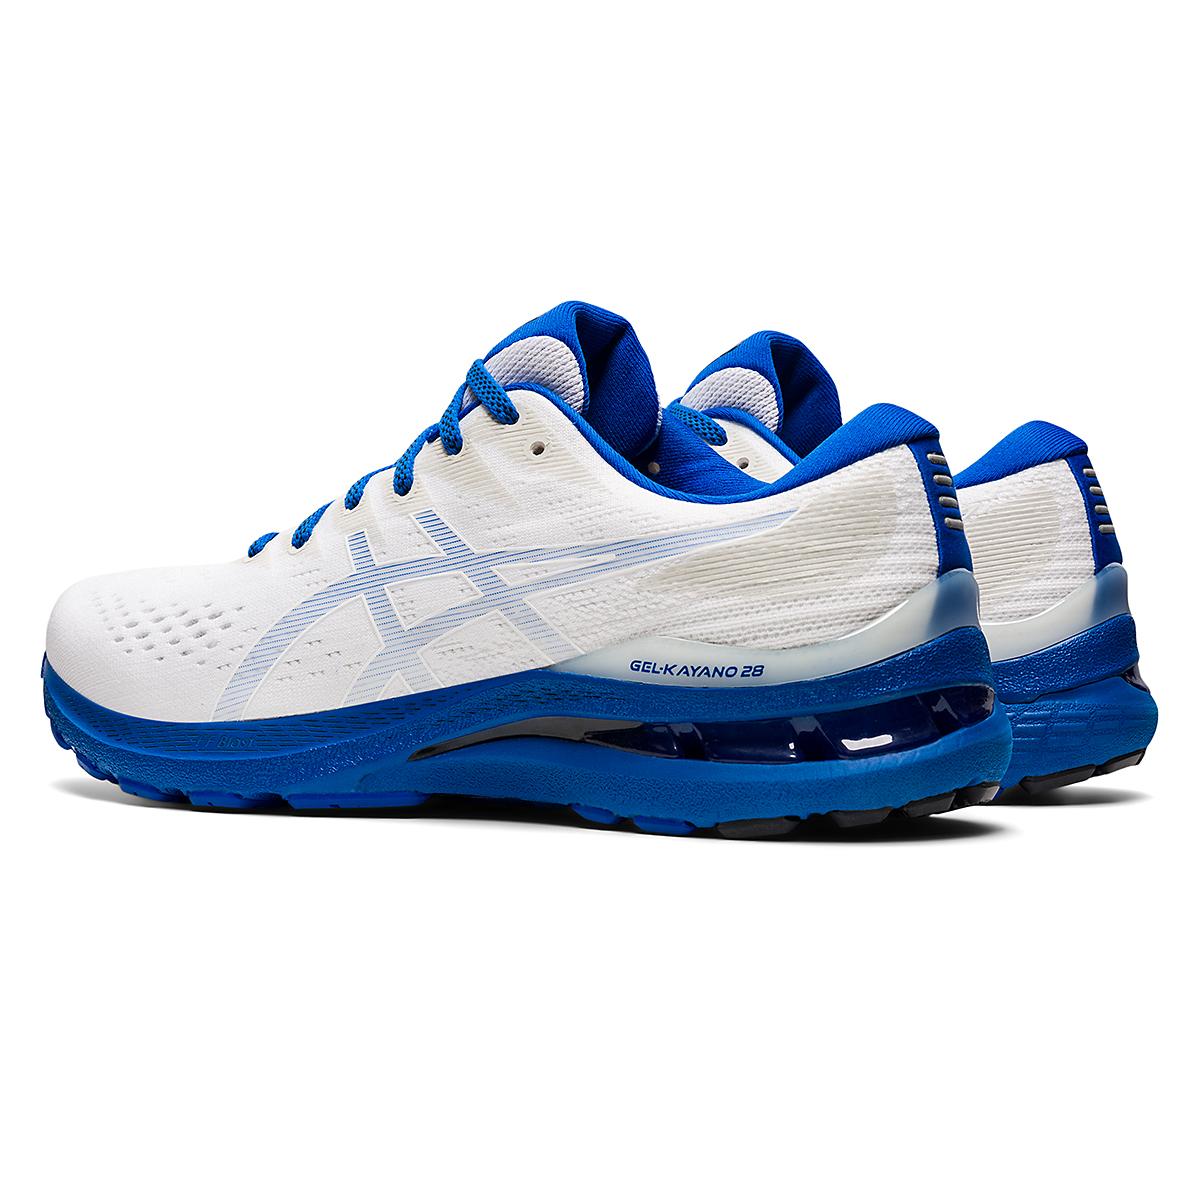 Men's Asics Gel-Kayano 28 Running Shoe, , large, image 4